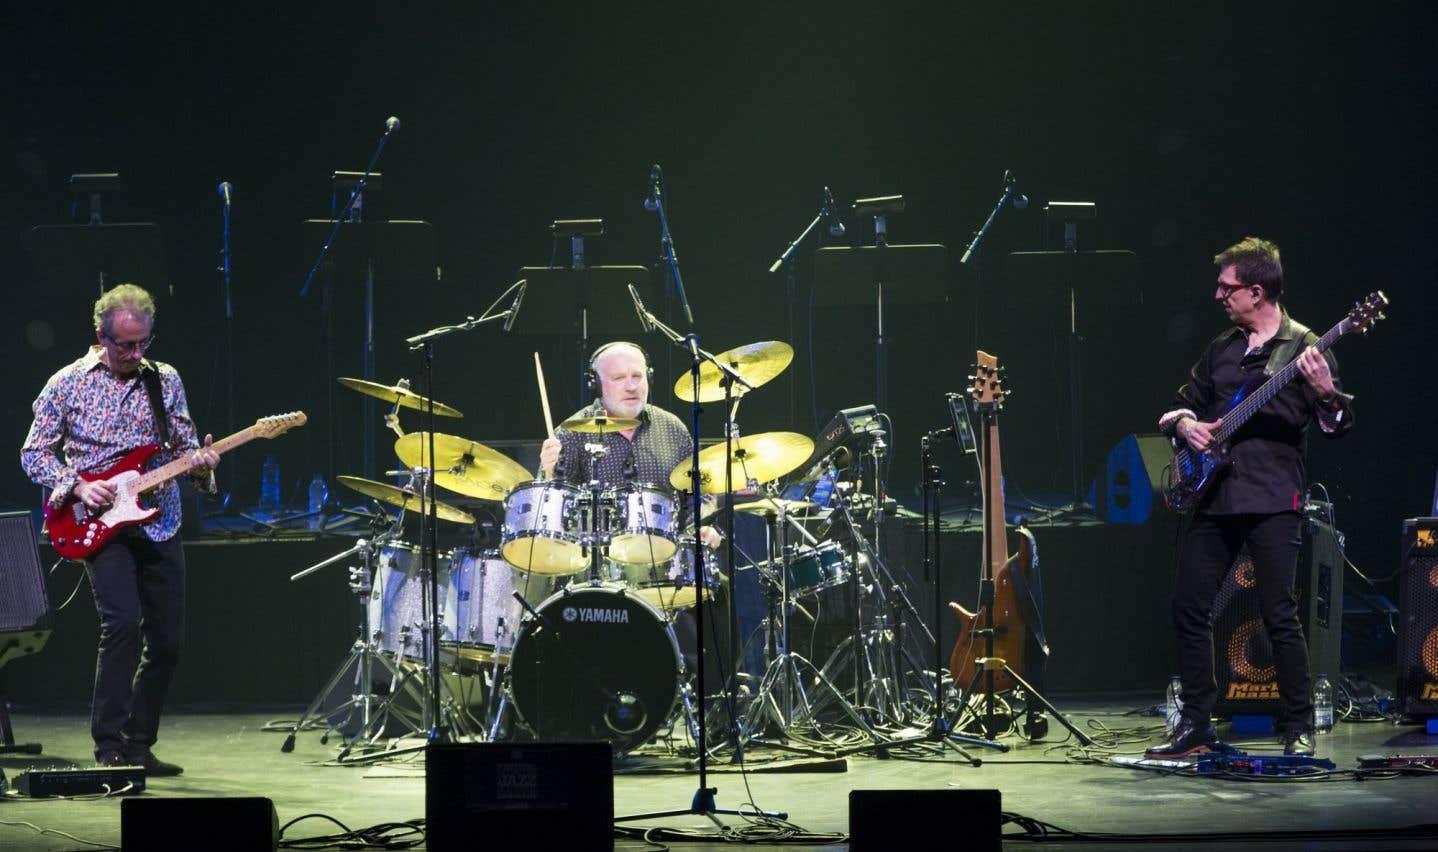 Michel Cusson à la guitare, Paul Brochu à la batterie etAlain Caron à la basse